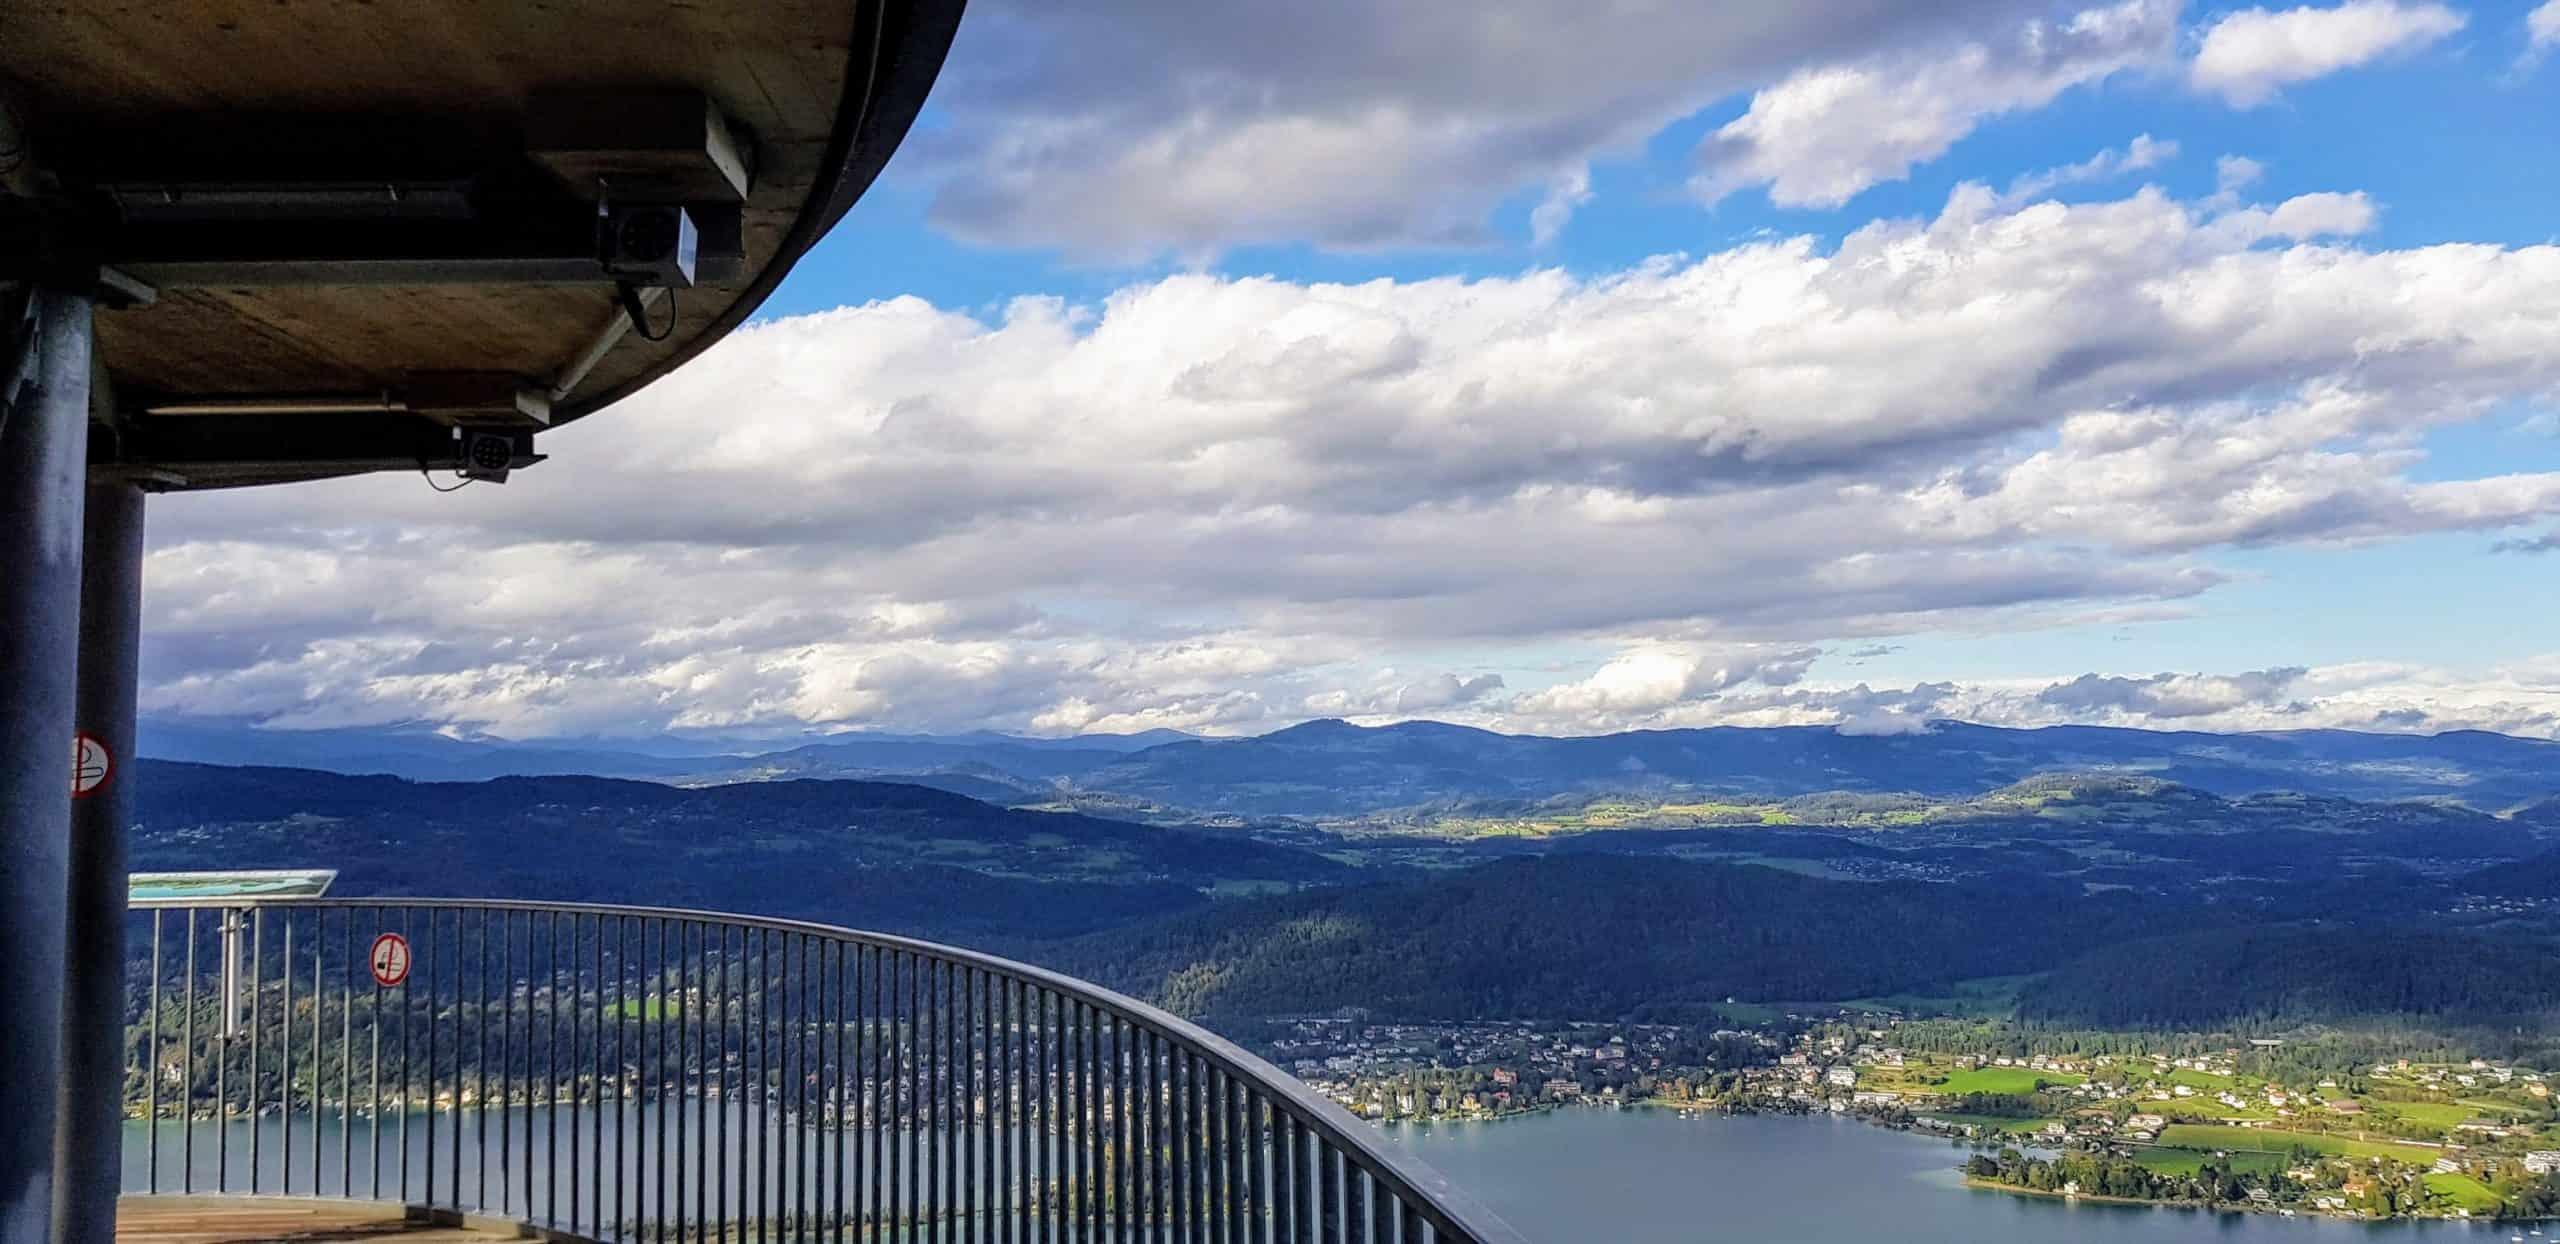 Panoramablick Pyramidenkogel auf Aussichtsplattform. Beliebtes Ausflugsziel in Kärnten, Österreich